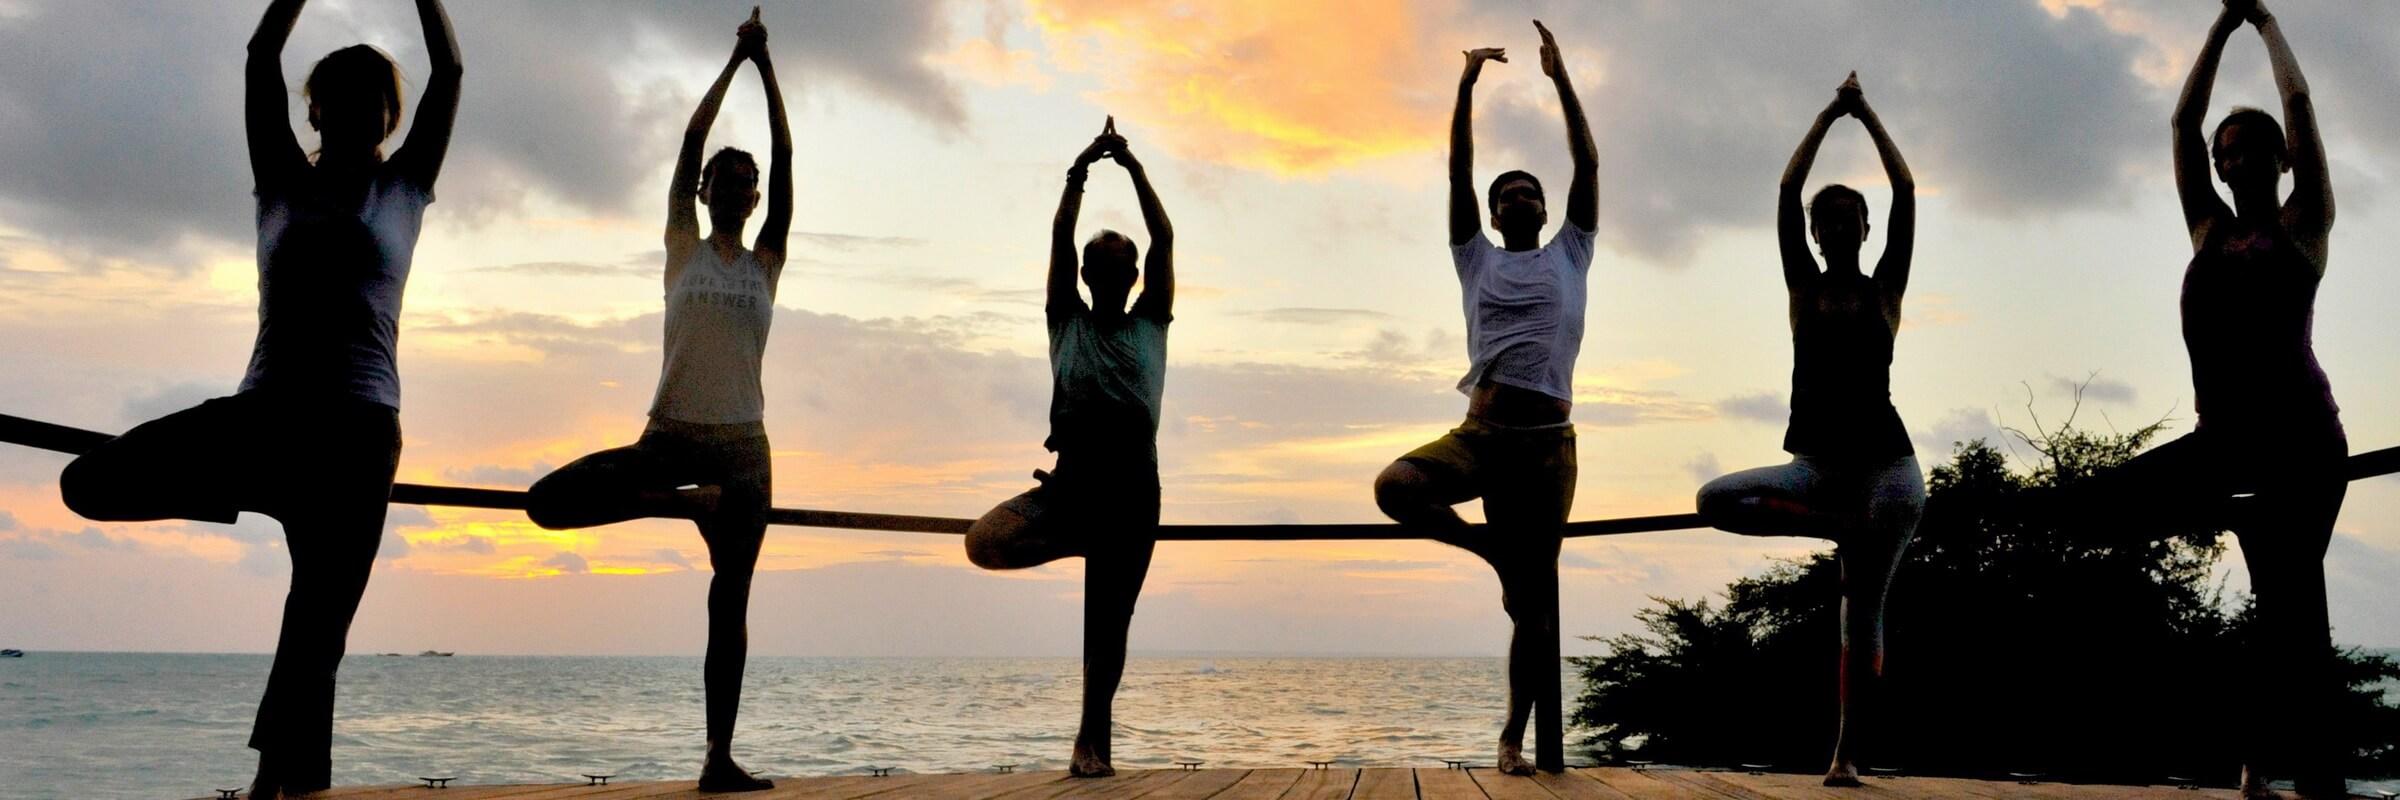 Das Virgin Cocoa bietet ein vielseitiges Yoga-Angebot aus Vinyasa Yoga bis hin zum entspannenden Yin Yoga, es können auch private Yogastunden gebucht werden.